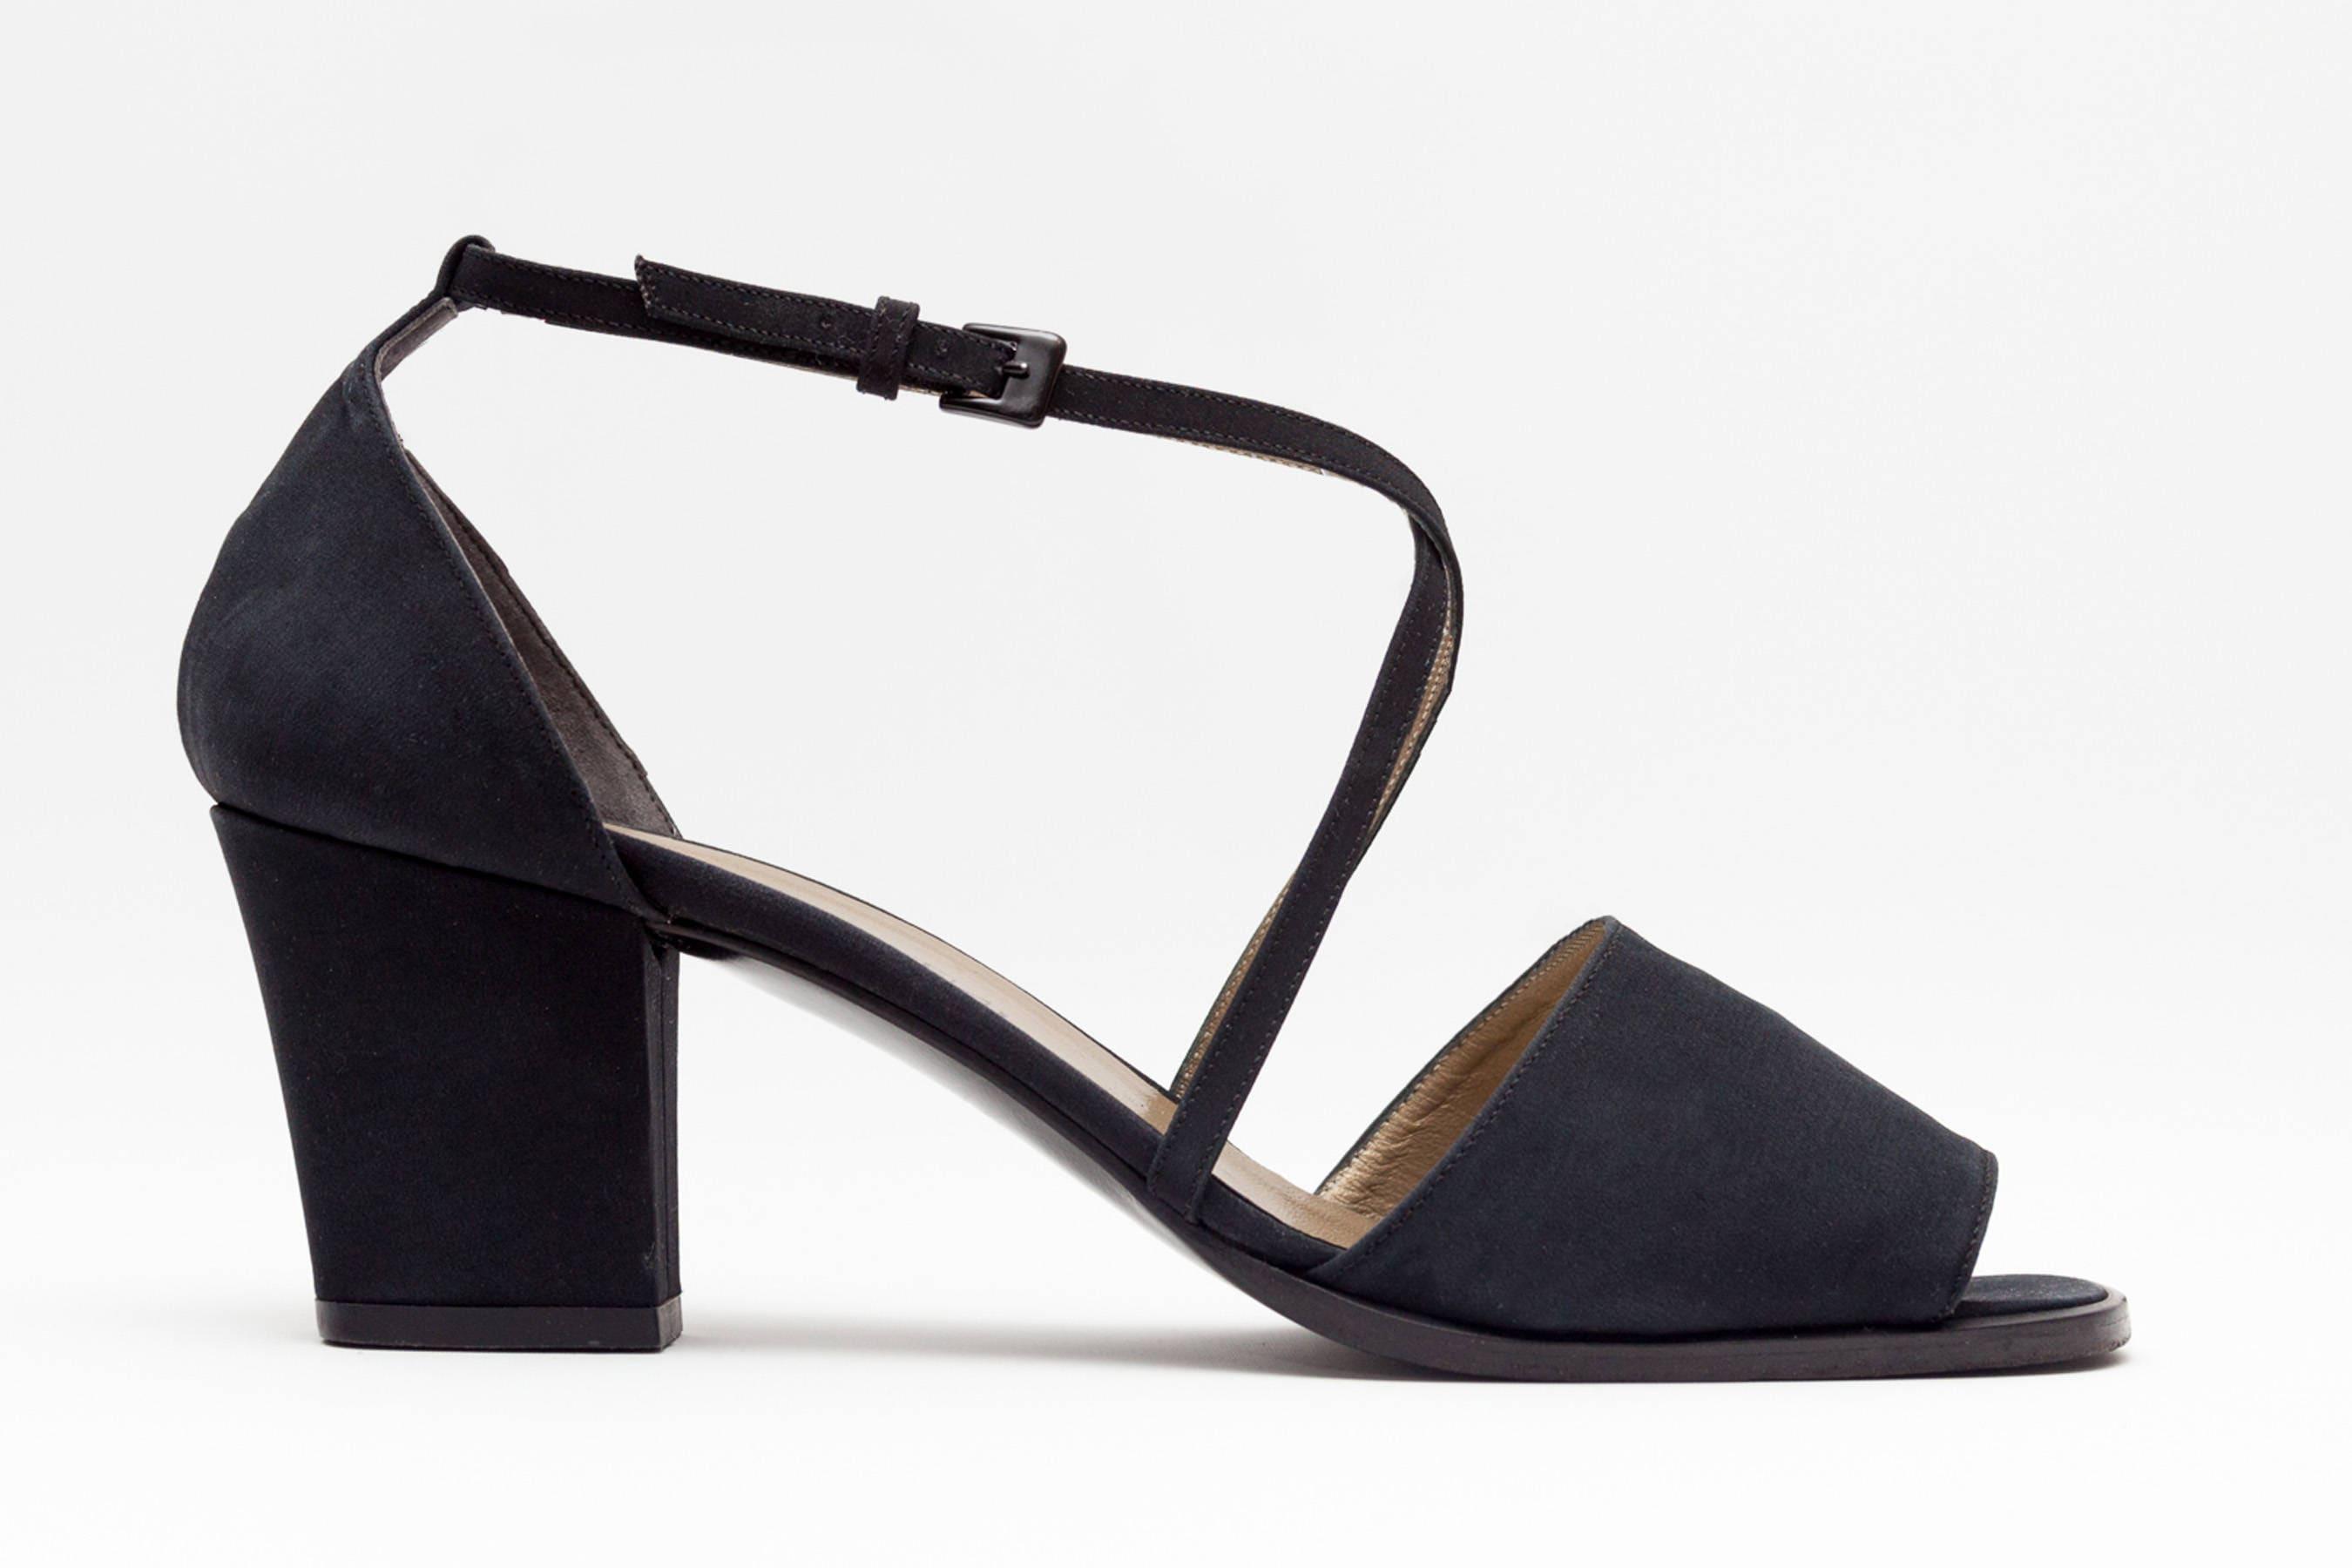 2fcc13a0a12 Yves Saint Laurent Vintage Shoes Open Toe Sandals Block | Etsy